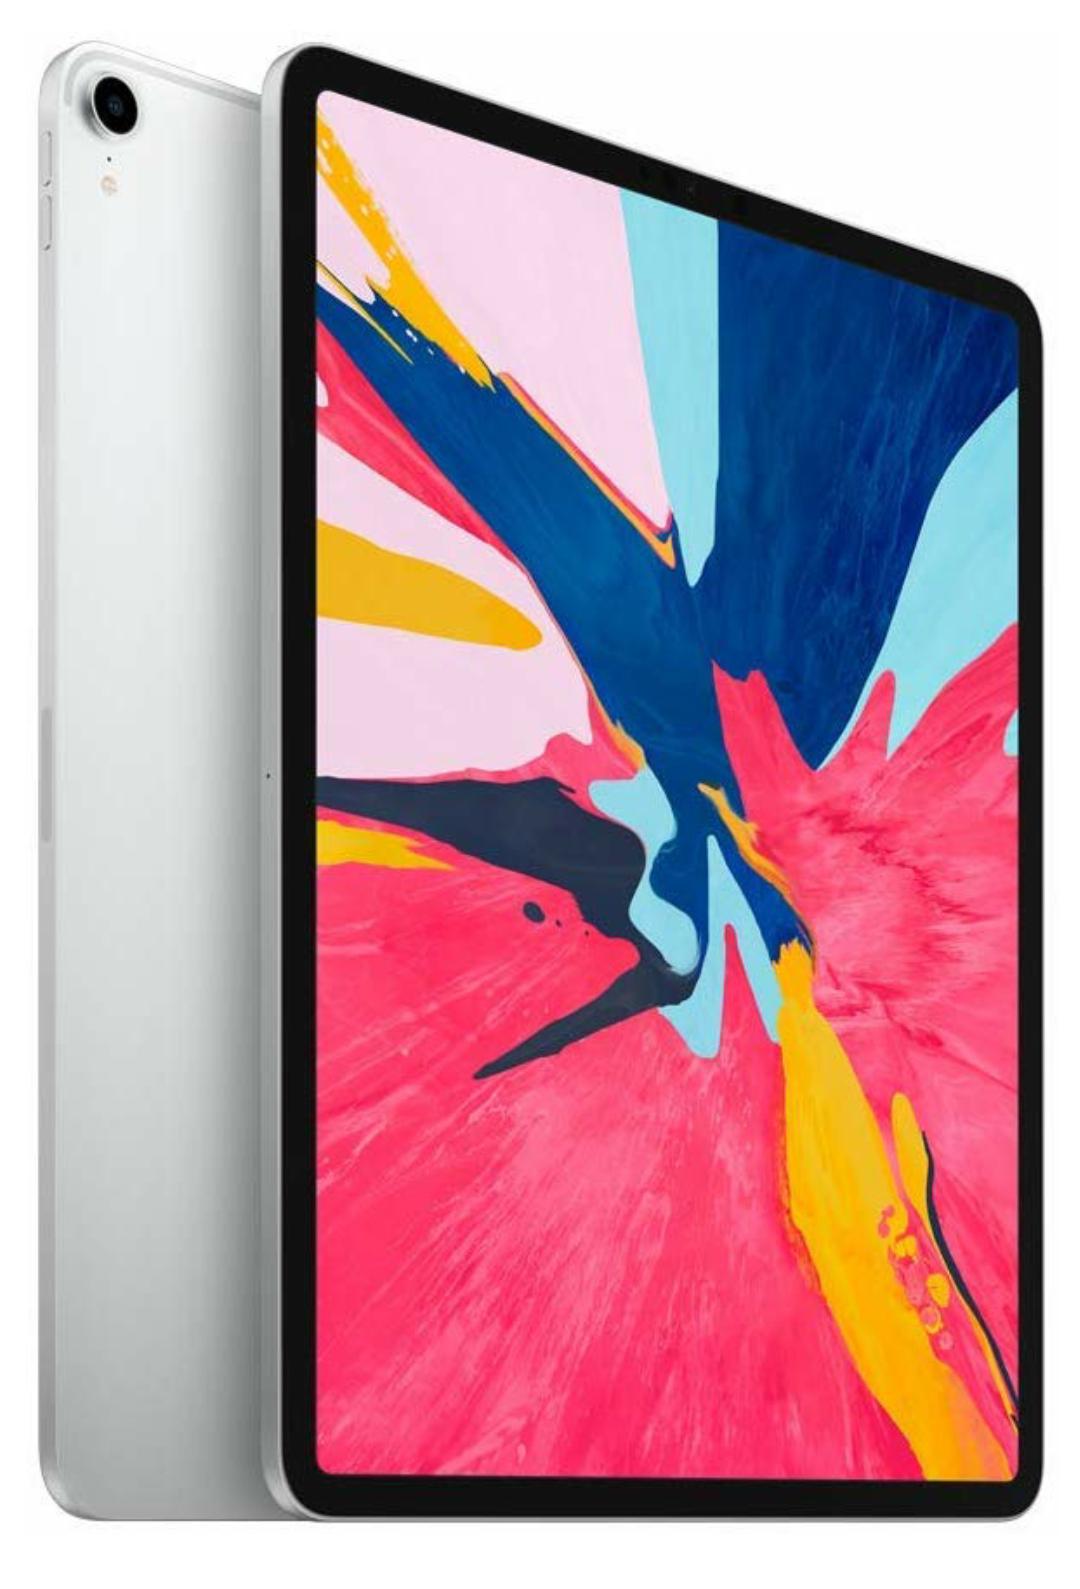 Apple iPadPro (12,9 Zoll, Wi‑Fi, 64 GB) - Silber // 256GB für 1.055€ statt 1.149,50€